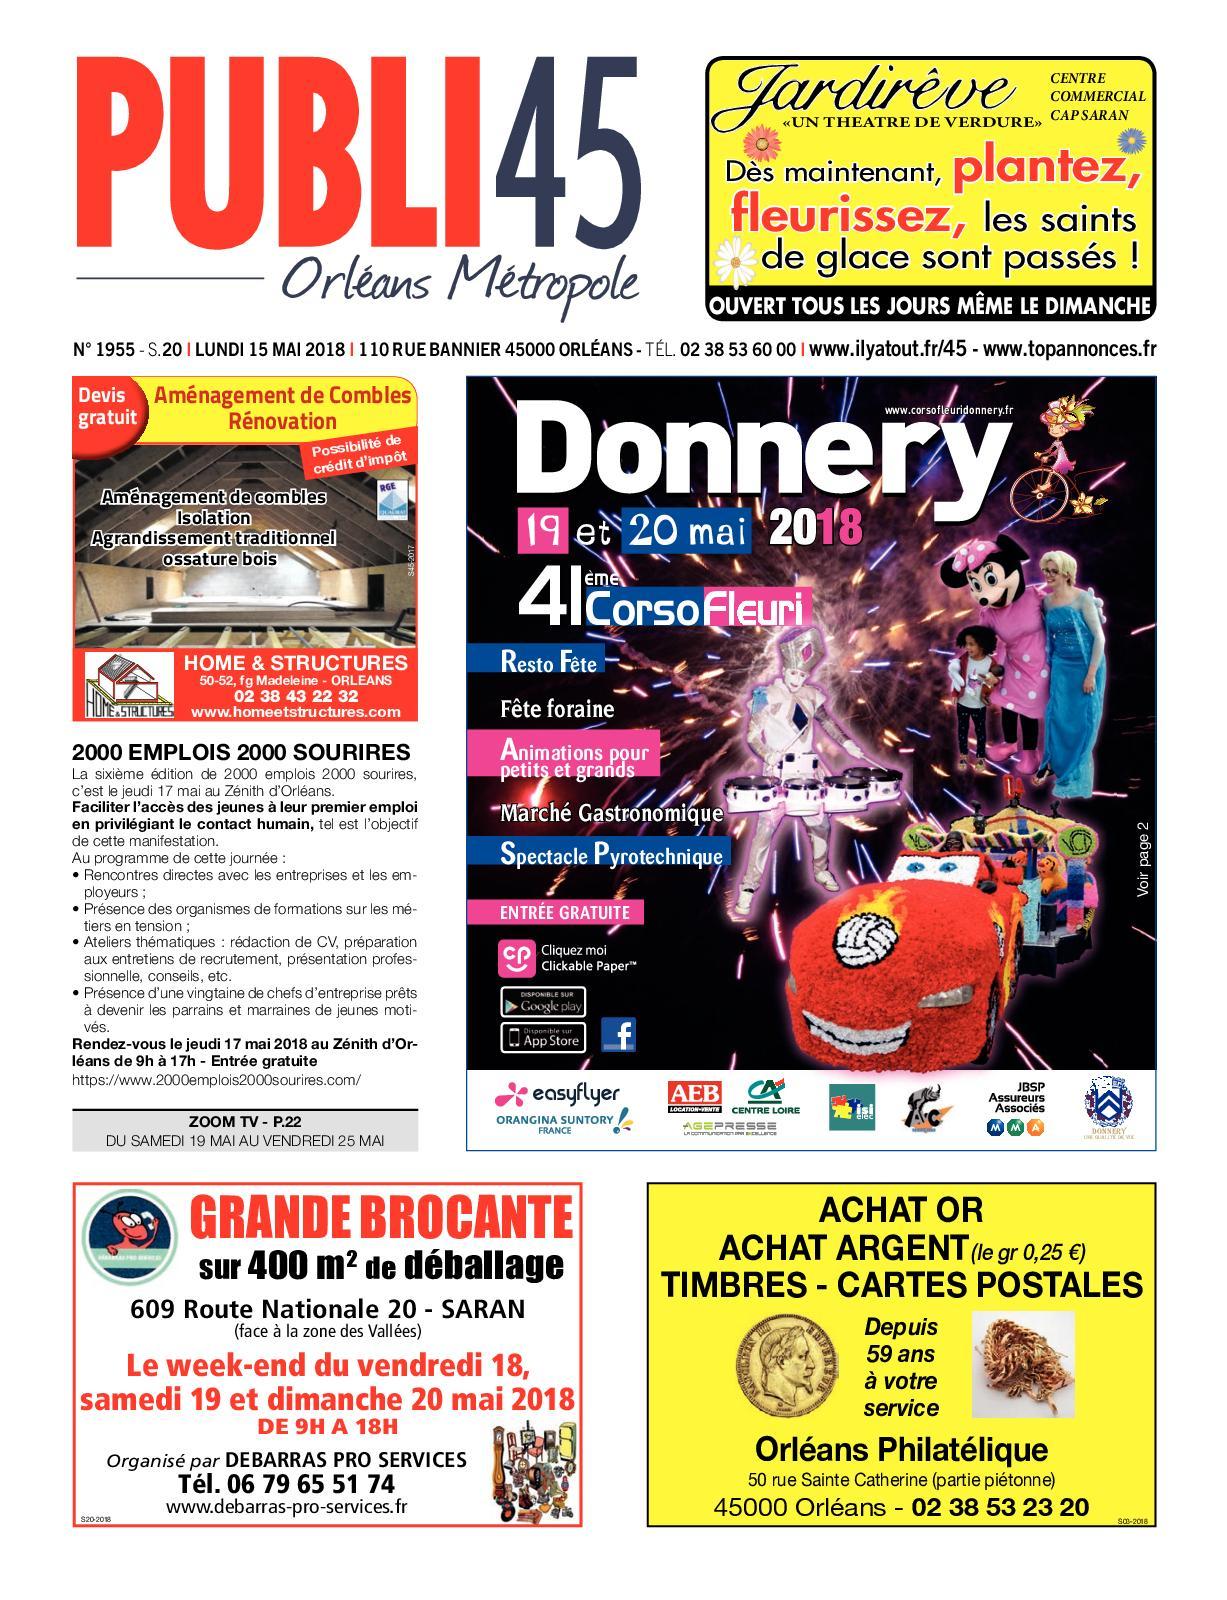 Envia Cuisine Fleury Les Aubrais calaméo - publi 45 202018